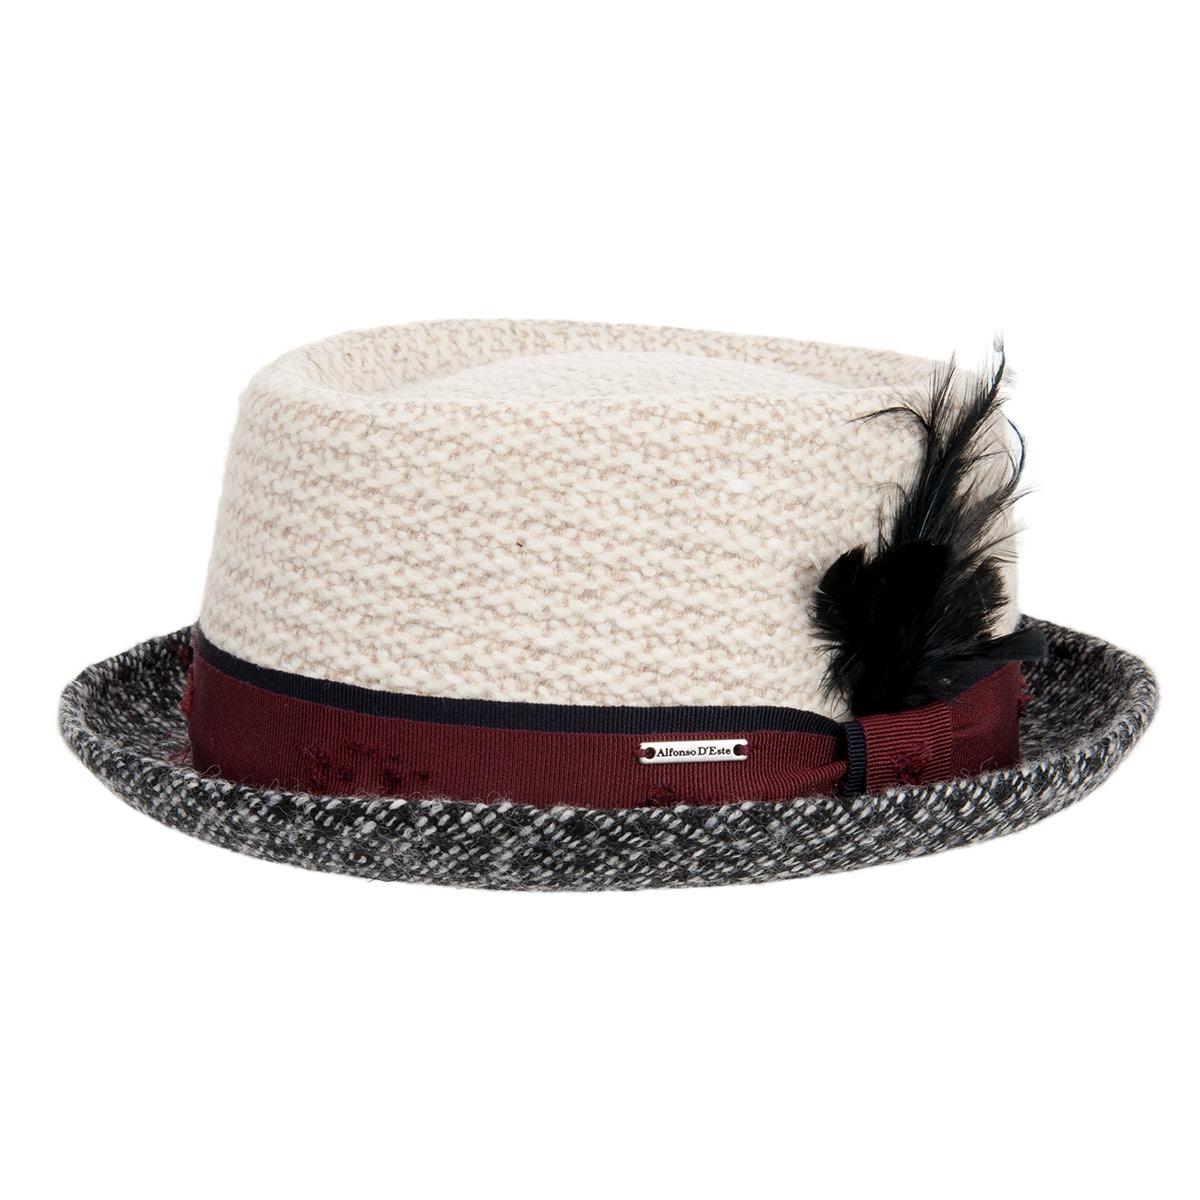 tutti cappelli pork pie a falda piccola b31427c61b19